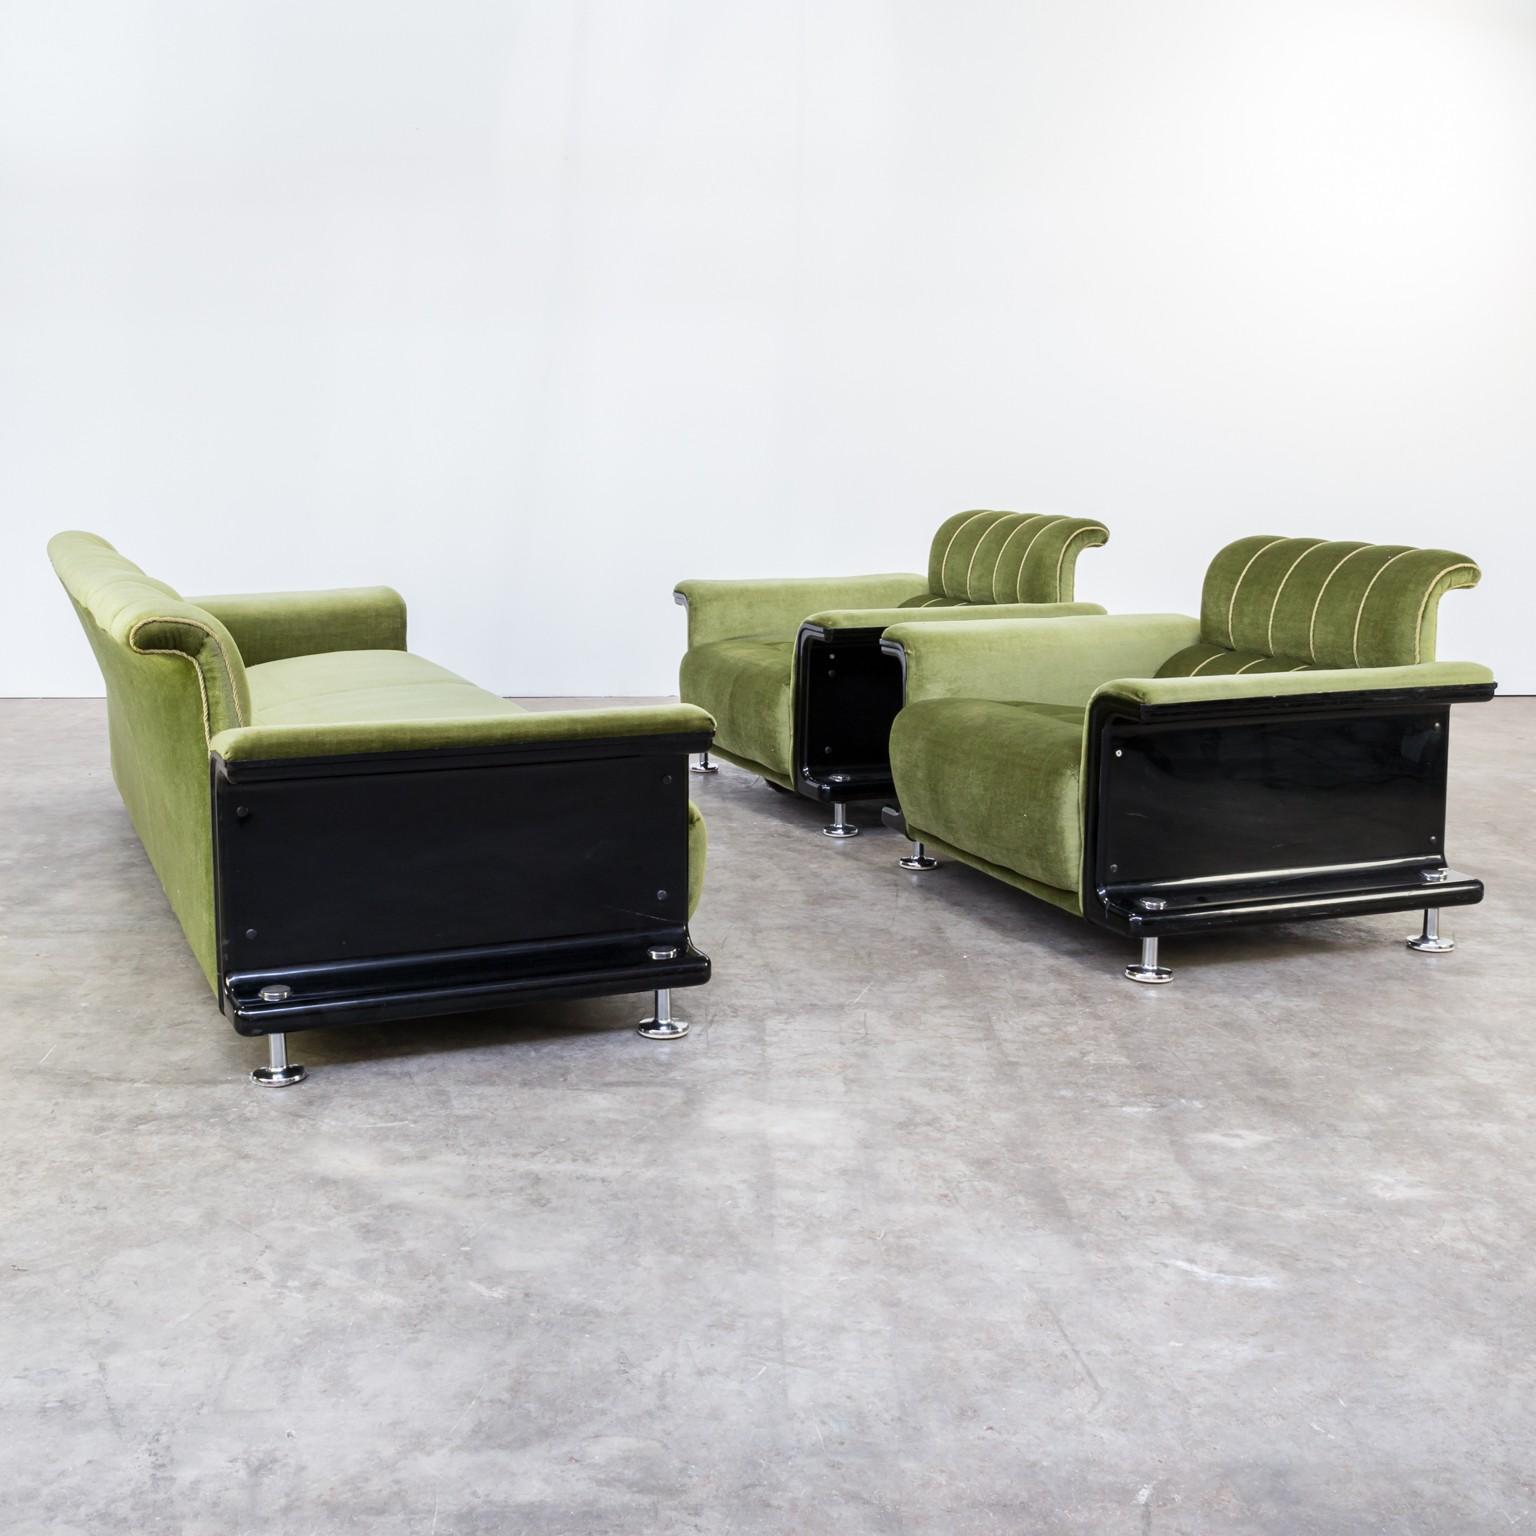 Green living room set by Gerd Lange for \'t Spectrum - 1970s - Design ...